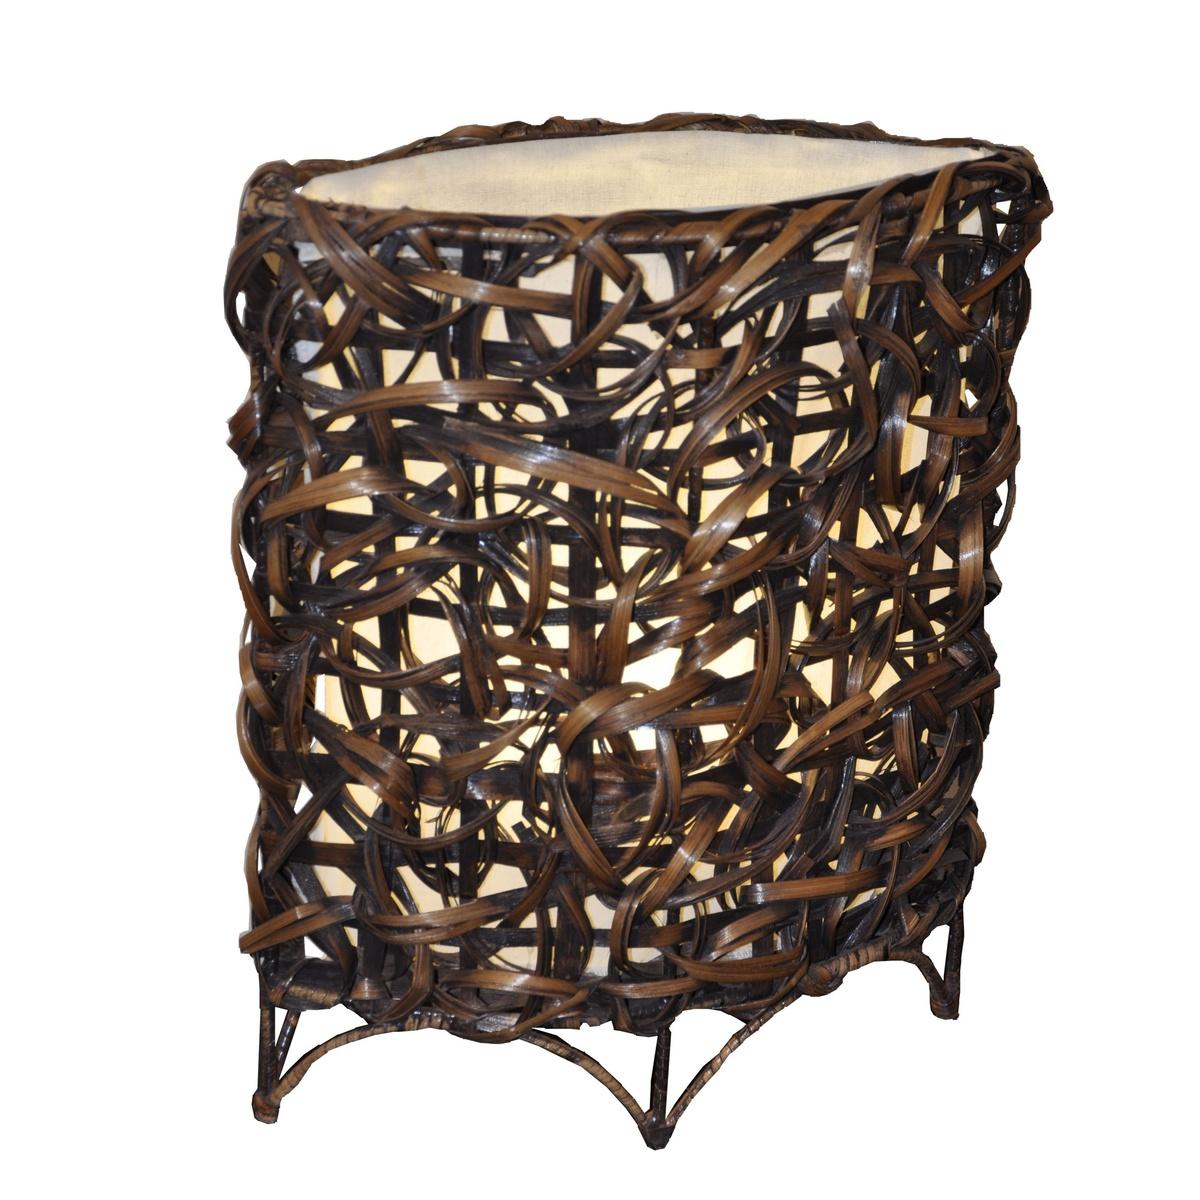 Stolná lampa bambusová oválná,